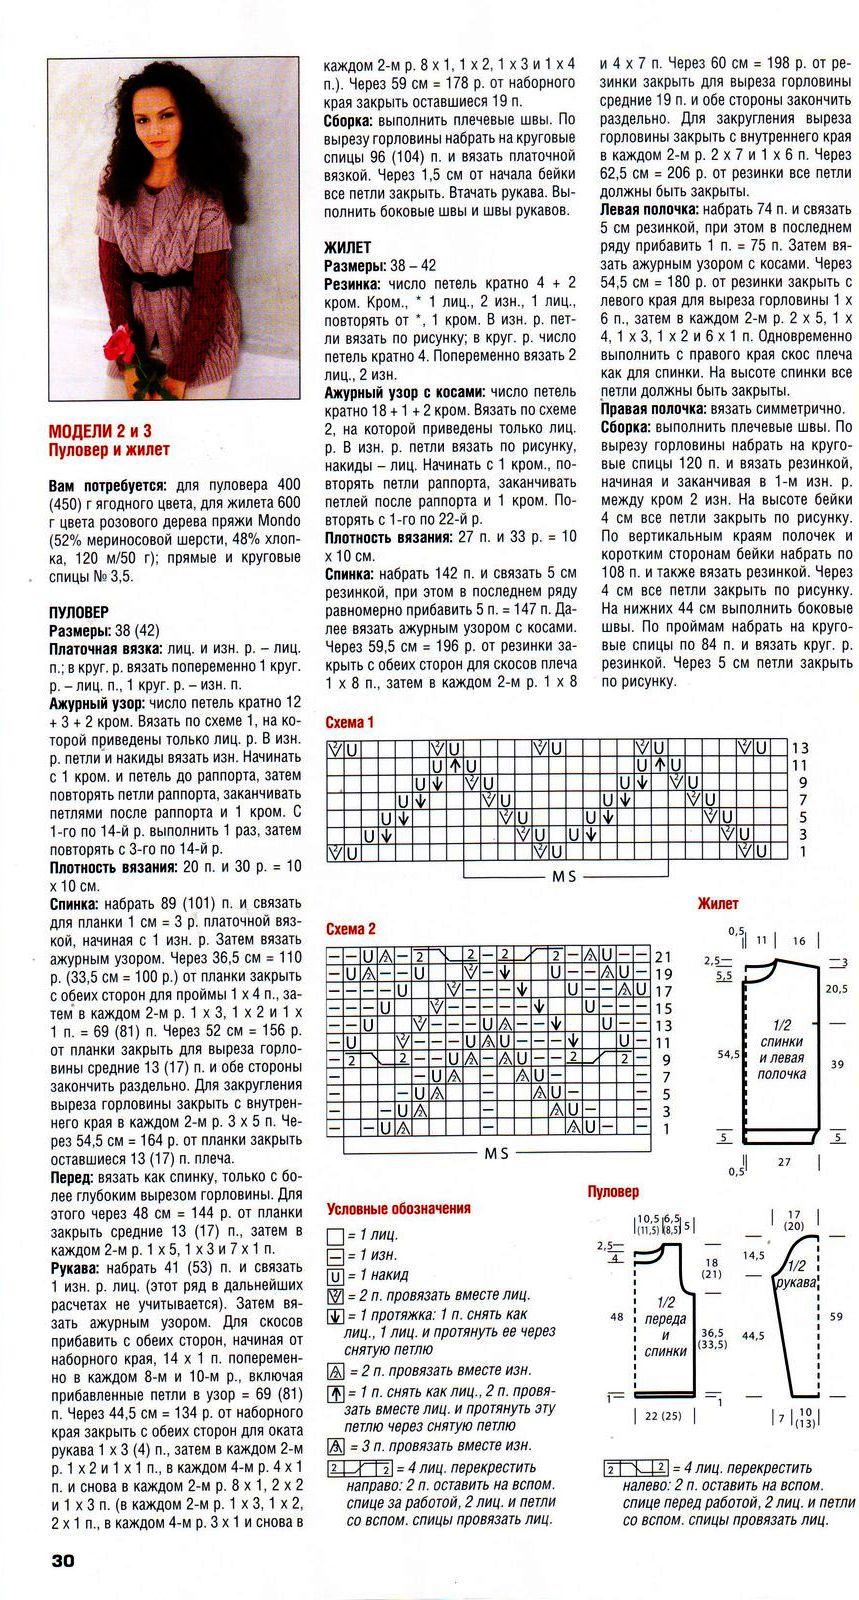 Вязание бесплатные схемы - жилеты, безрукавки Узорчик. ру 24